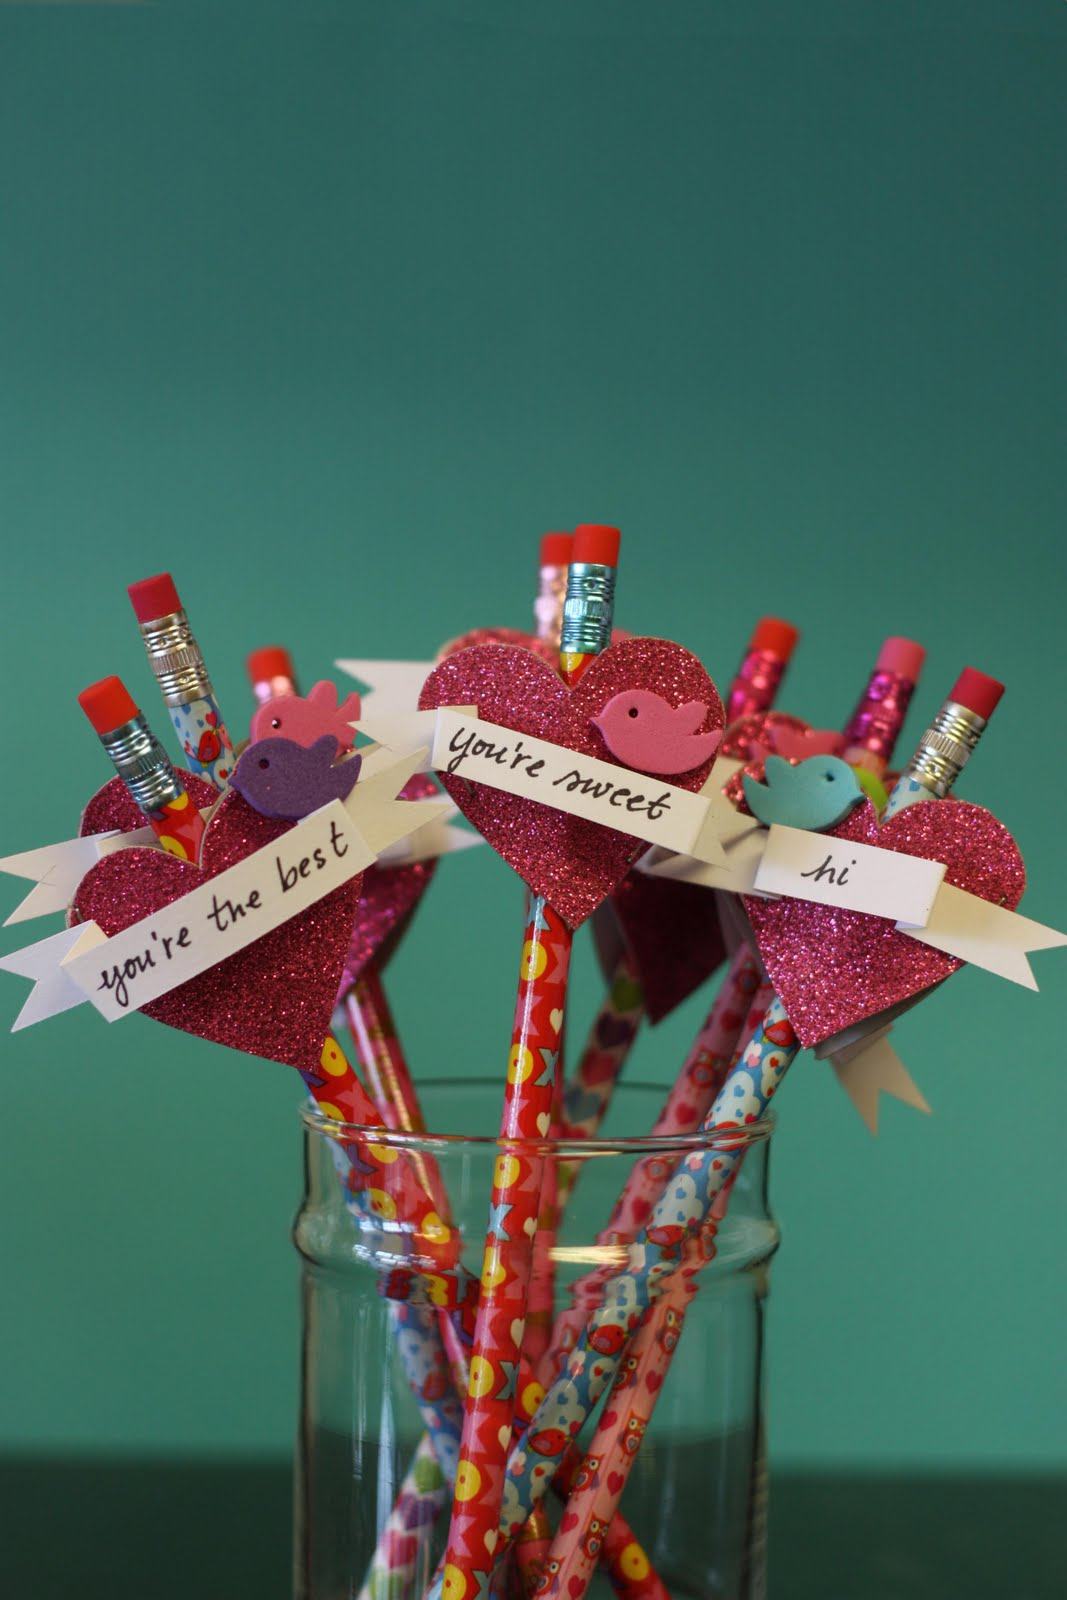 http://4.bp.blogspot.com/_tQQs93Ppzl4/TVAZYa8AbBI/AAAAAAAAD94/TREEalFL7Hk/s1600/pencils%2B1.jpg